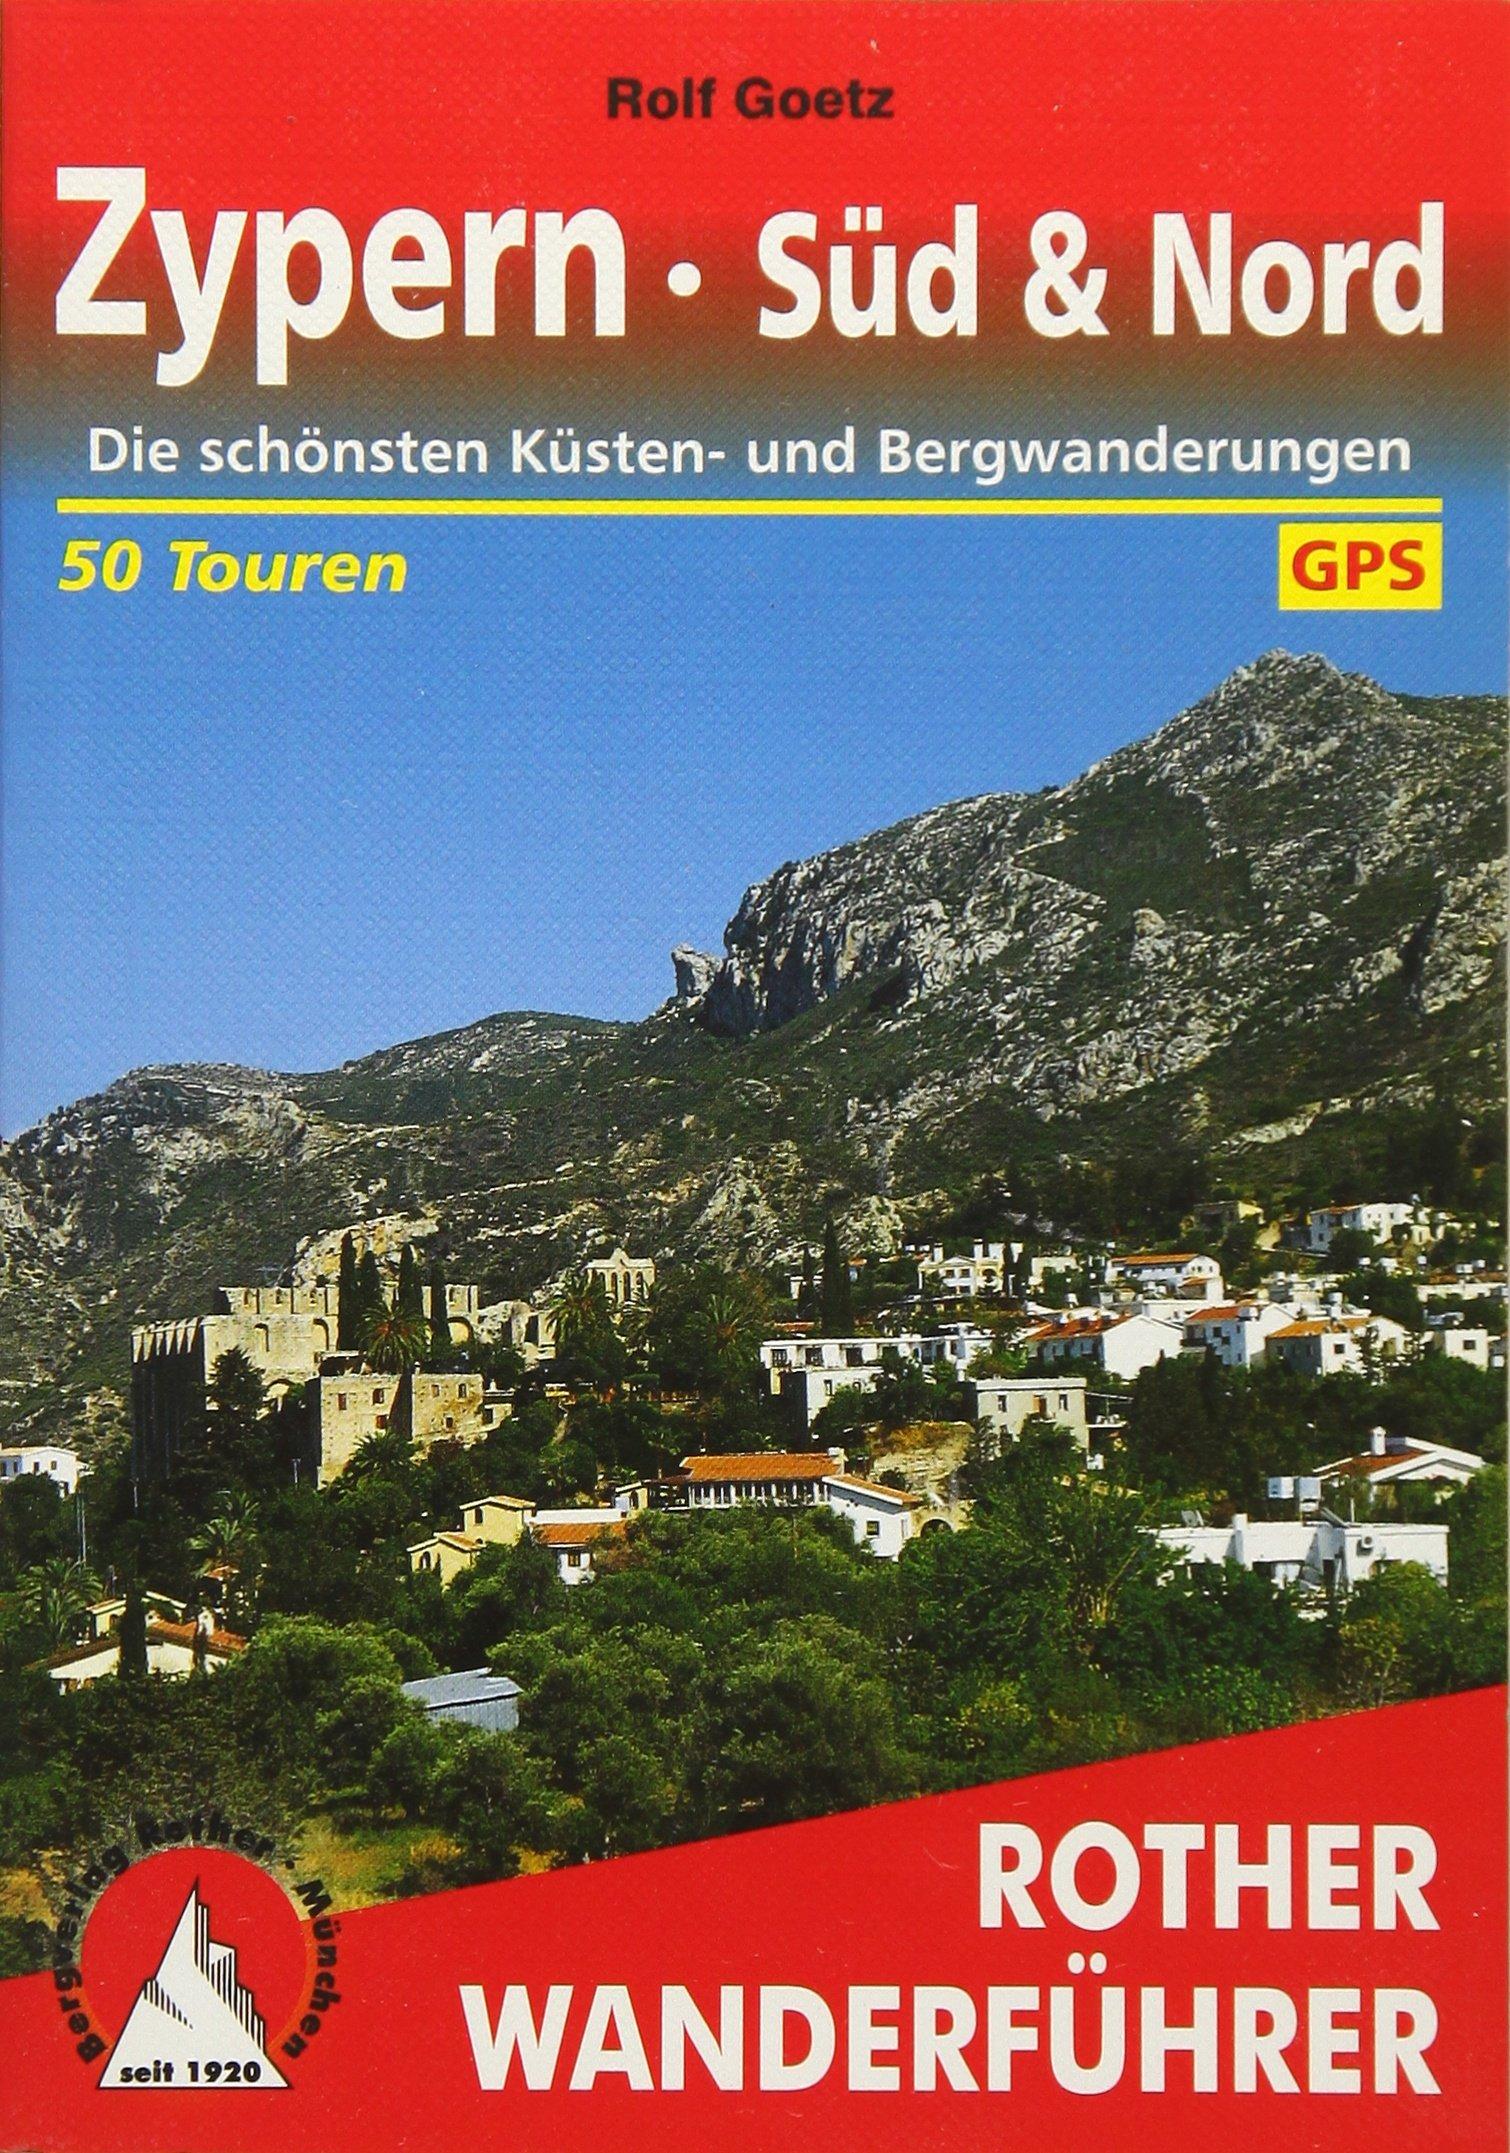 Zypern - Süd & Nord: Die schönsten Küsten- und Bergwanderungen. 50 Touren. Mit GPS-Tracks (Rother Wanderführer) Taschenbuch – 12. April 2018 Rolf Goetz Bergverlag Rother 3763342710 Europa